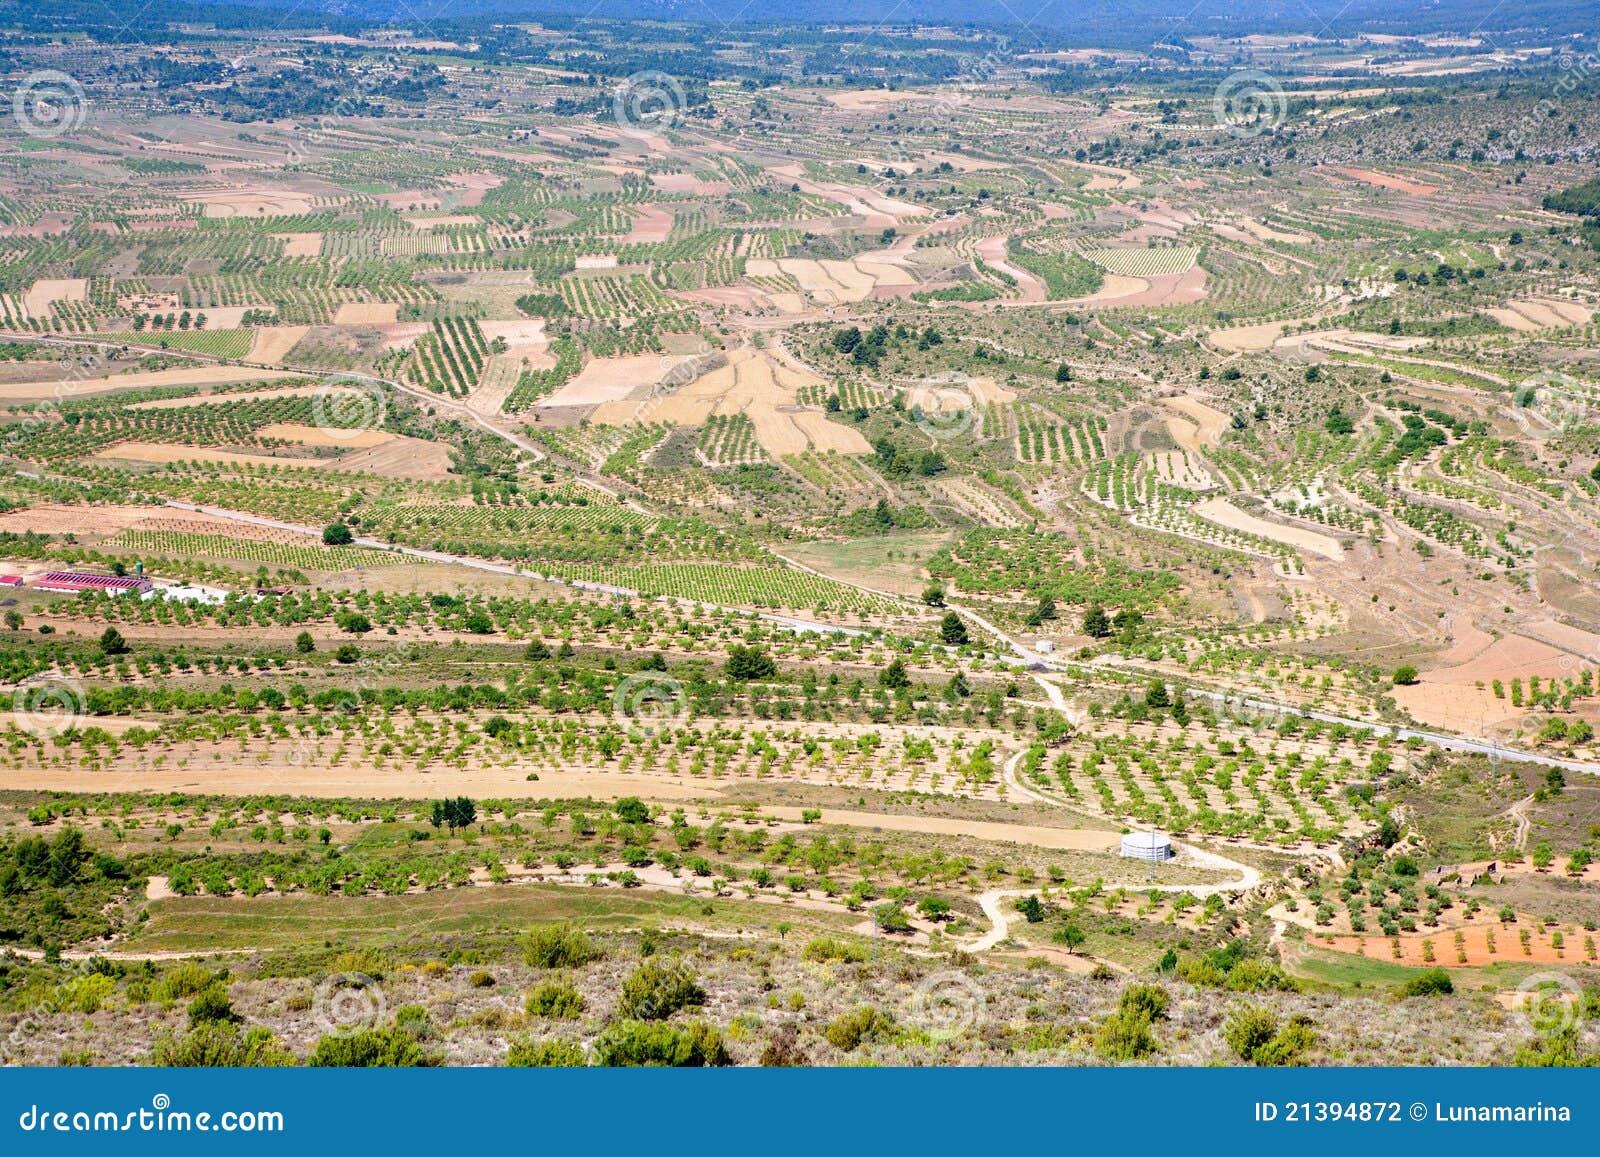 Aras De Los Olmos Valley In Valencia Spain Stock Photo Image Of